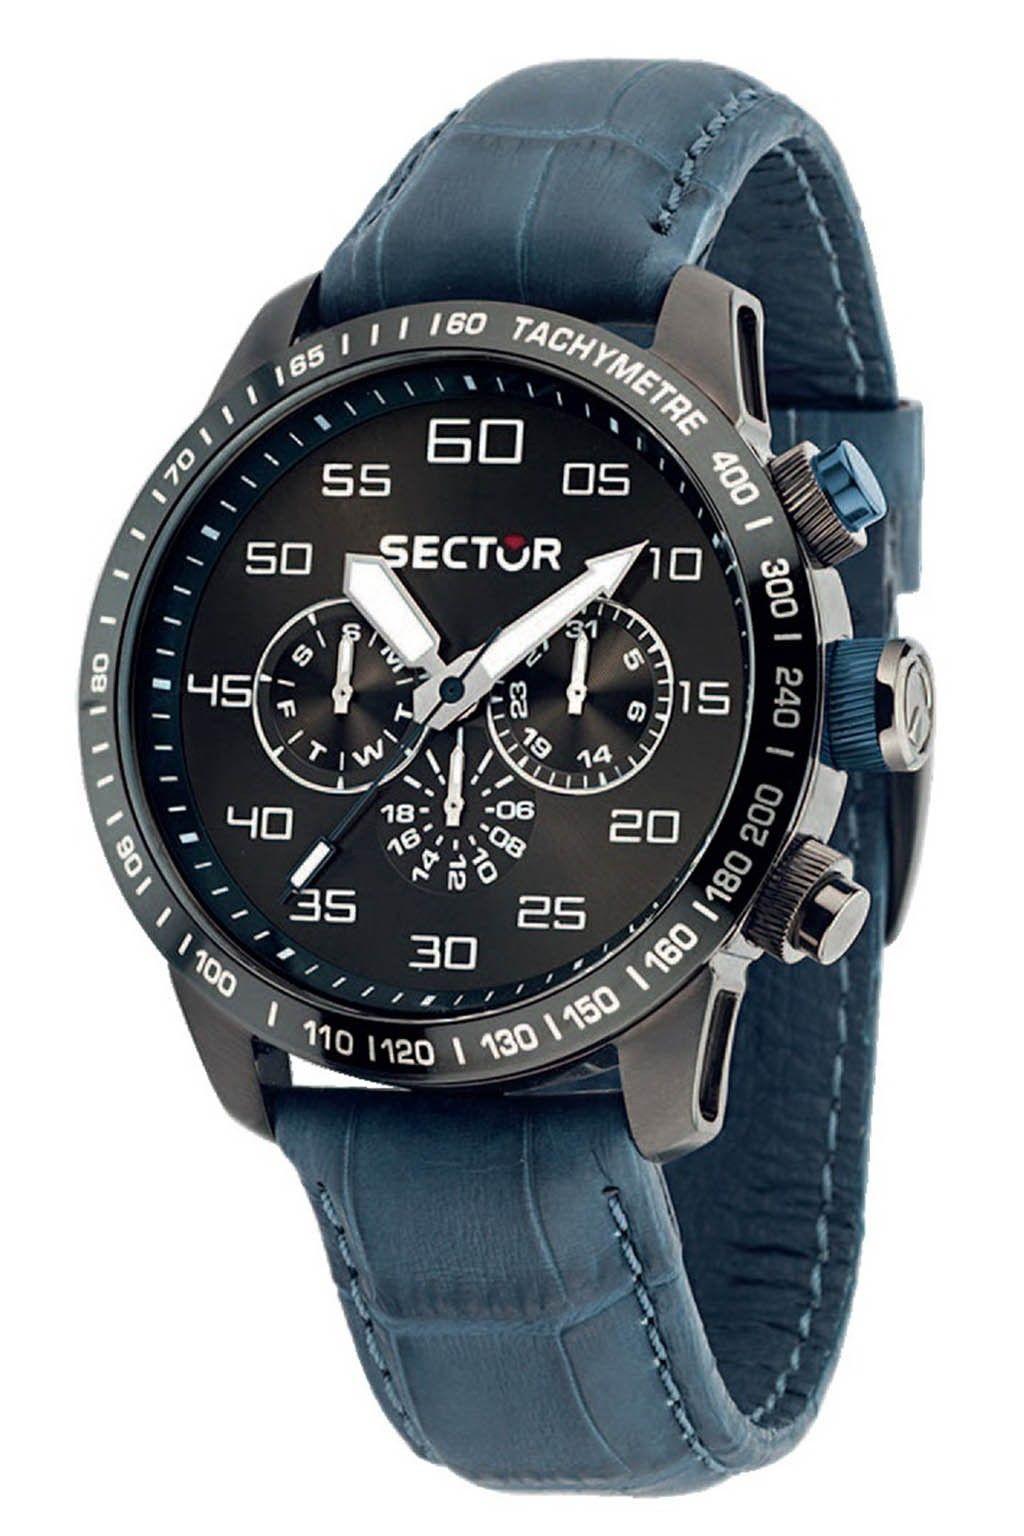 b22cd9d38b5 Relógio Sector 850 - R3251575007